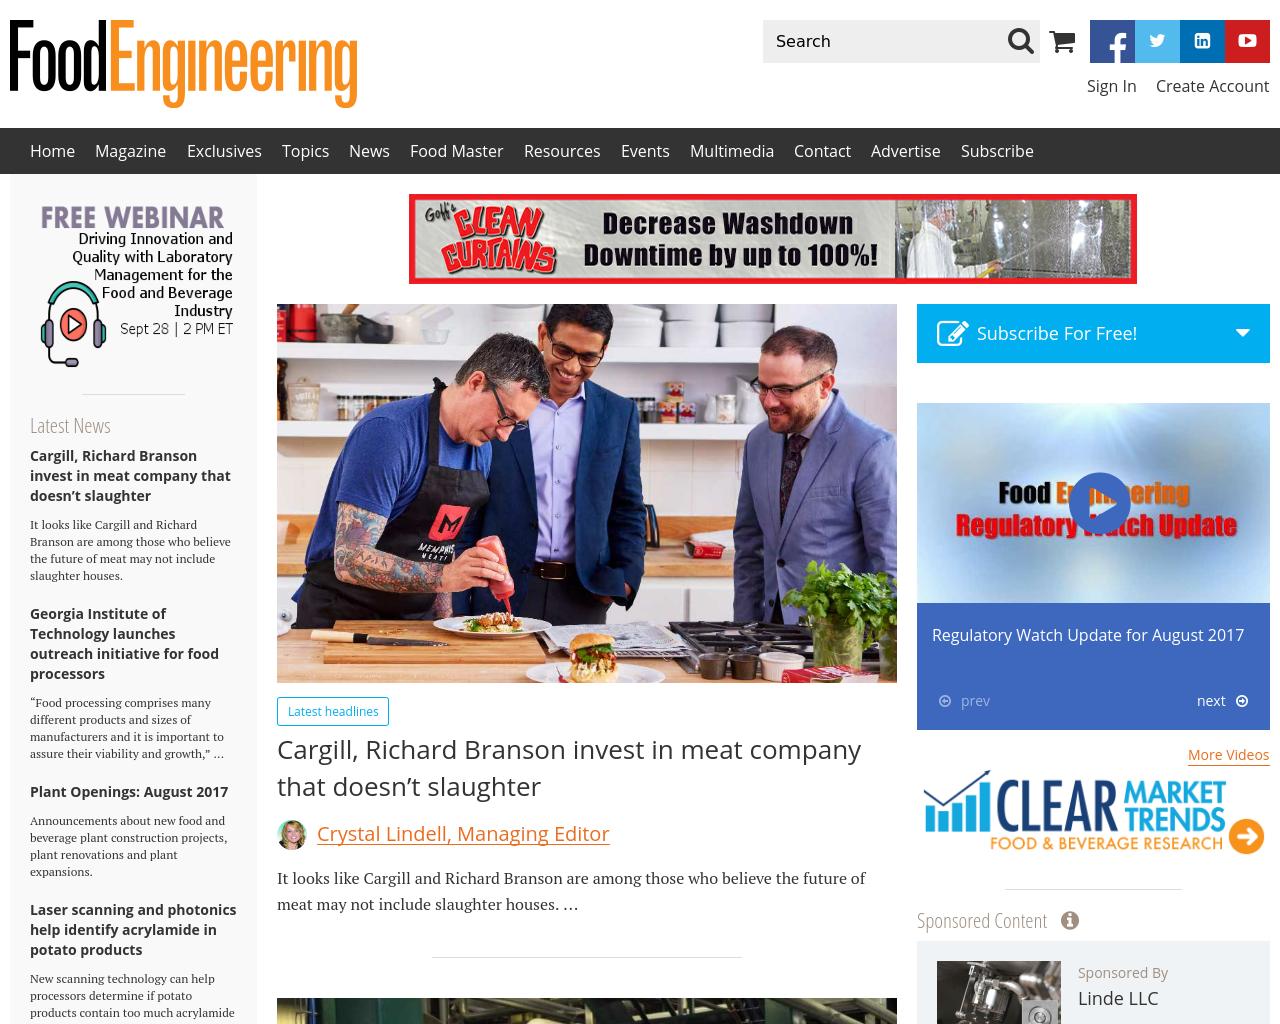 Food-Engineering-Mag-Advertising-Reviews-Pricing